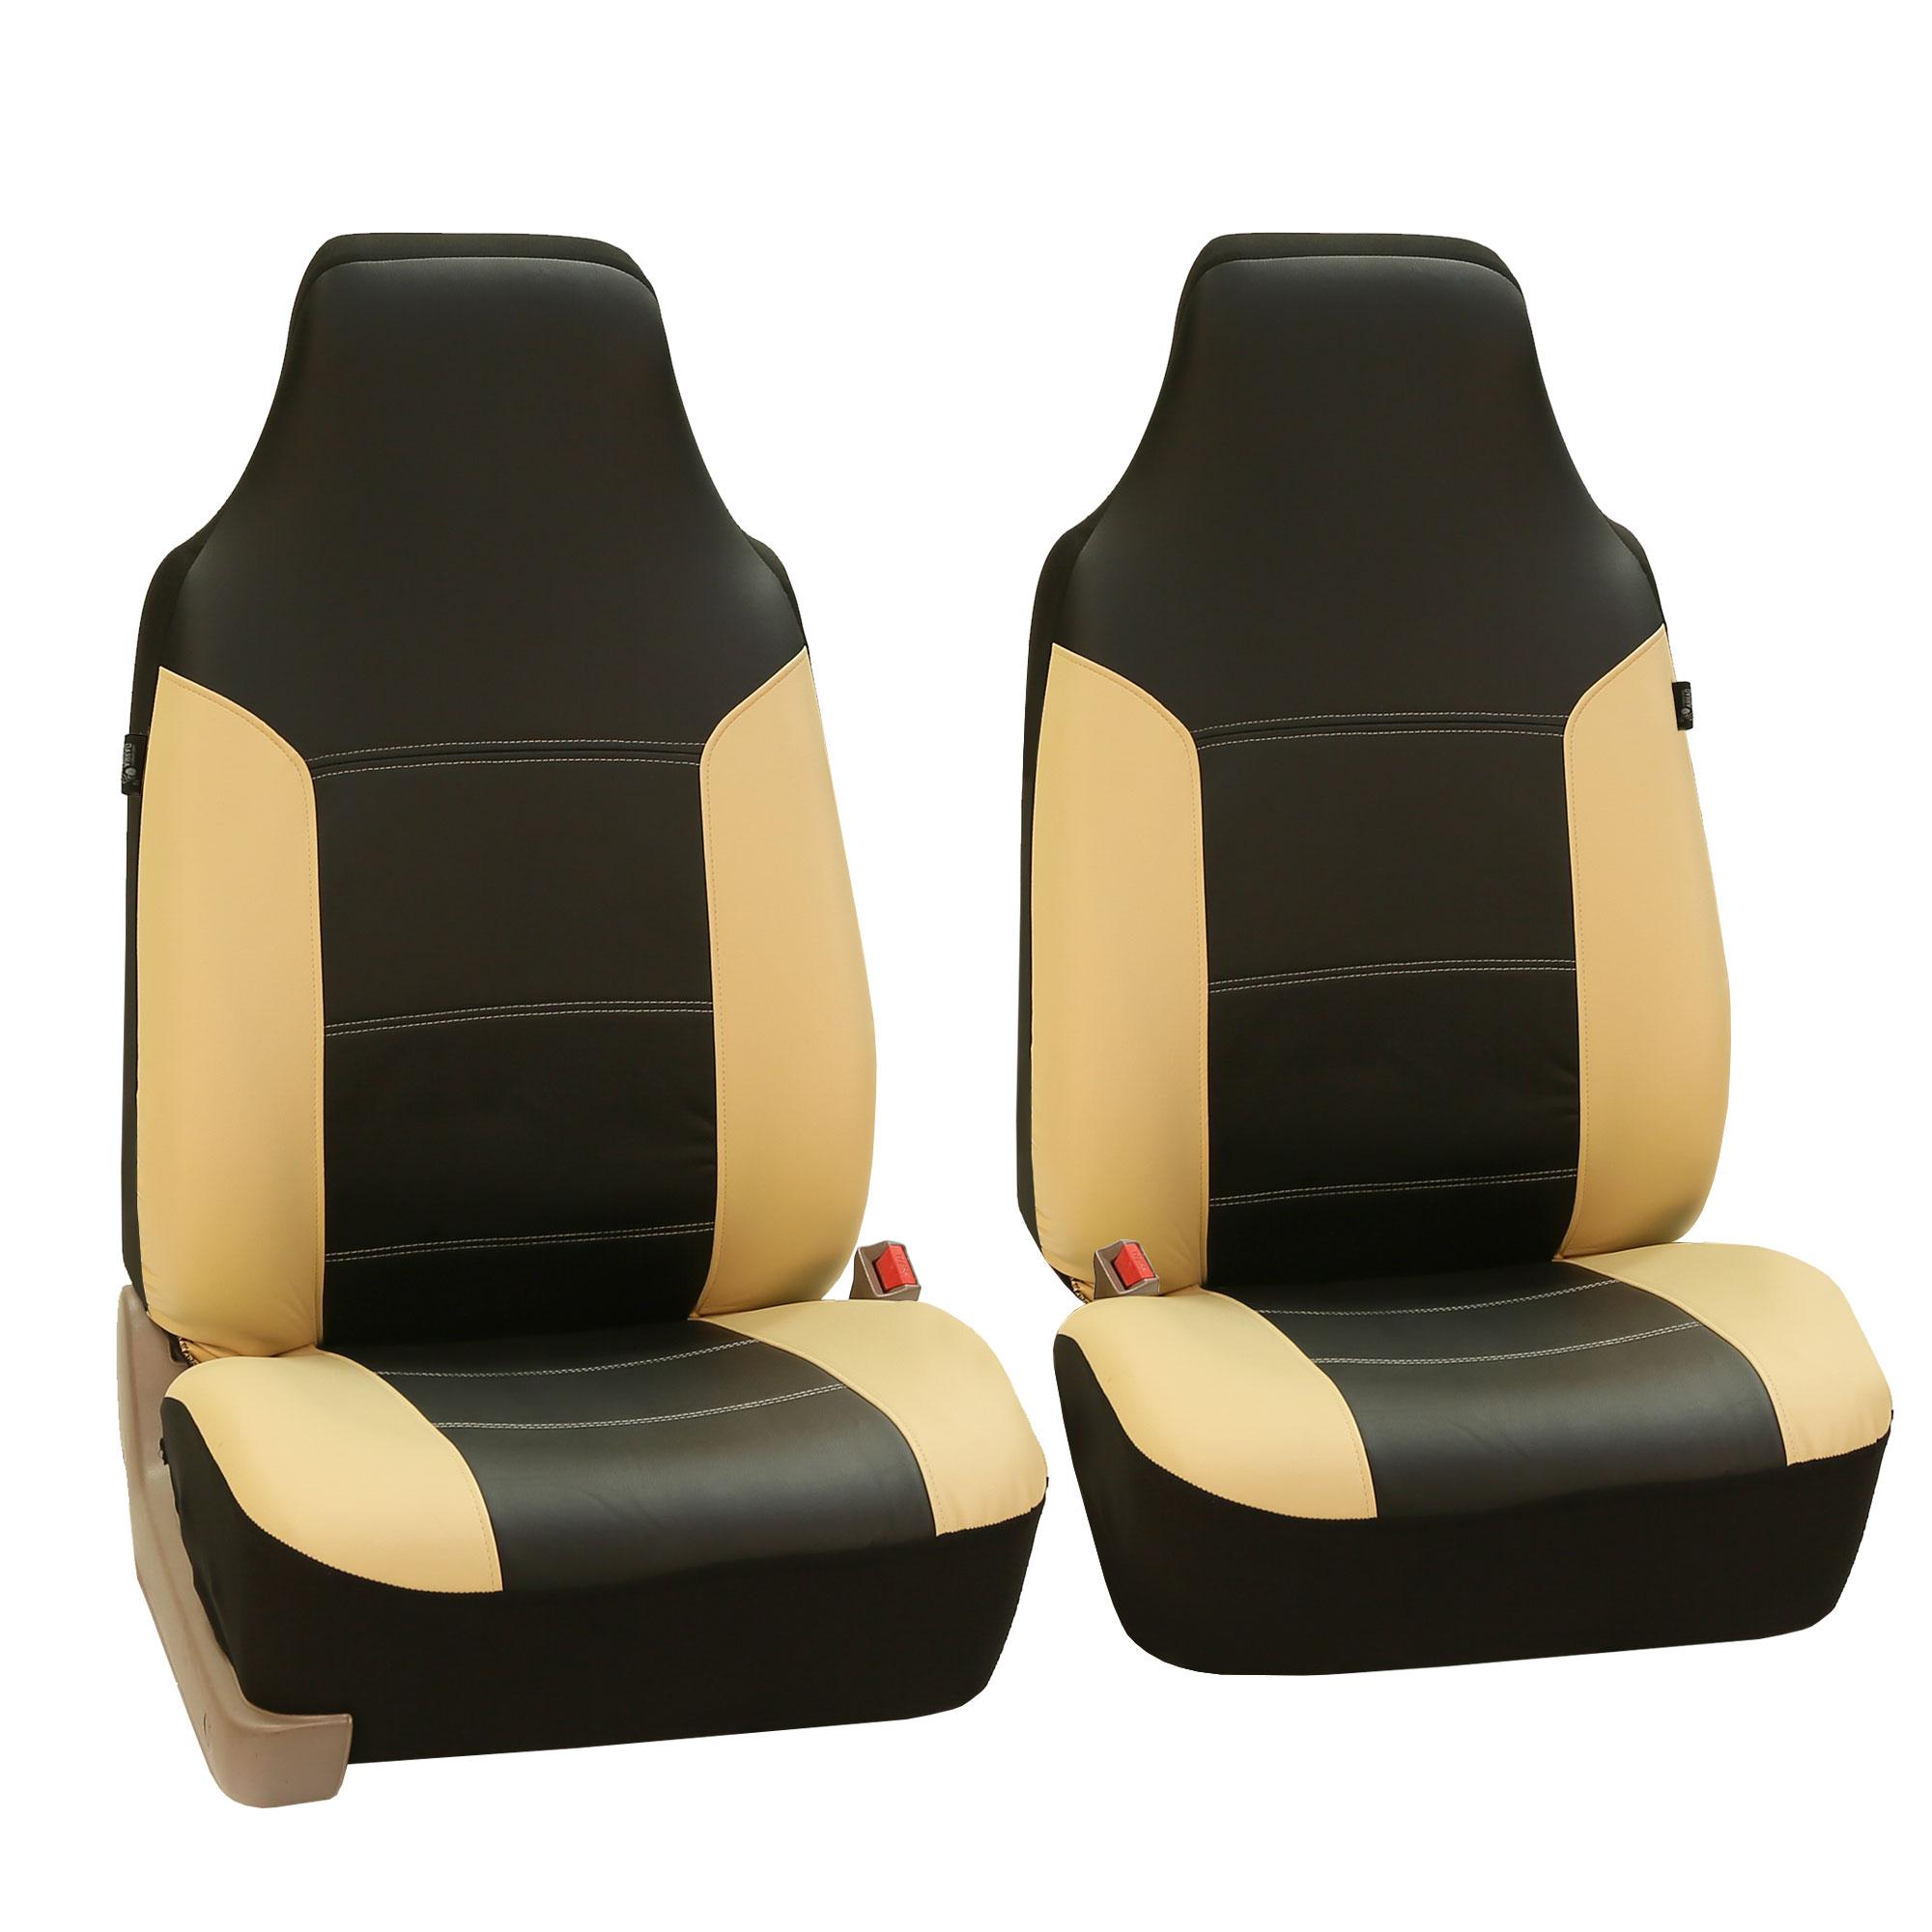 faux leather beige black car seat cover set headrests floor mat set ebay. Black Bedroom Furniture Sets. Home Design Ideas